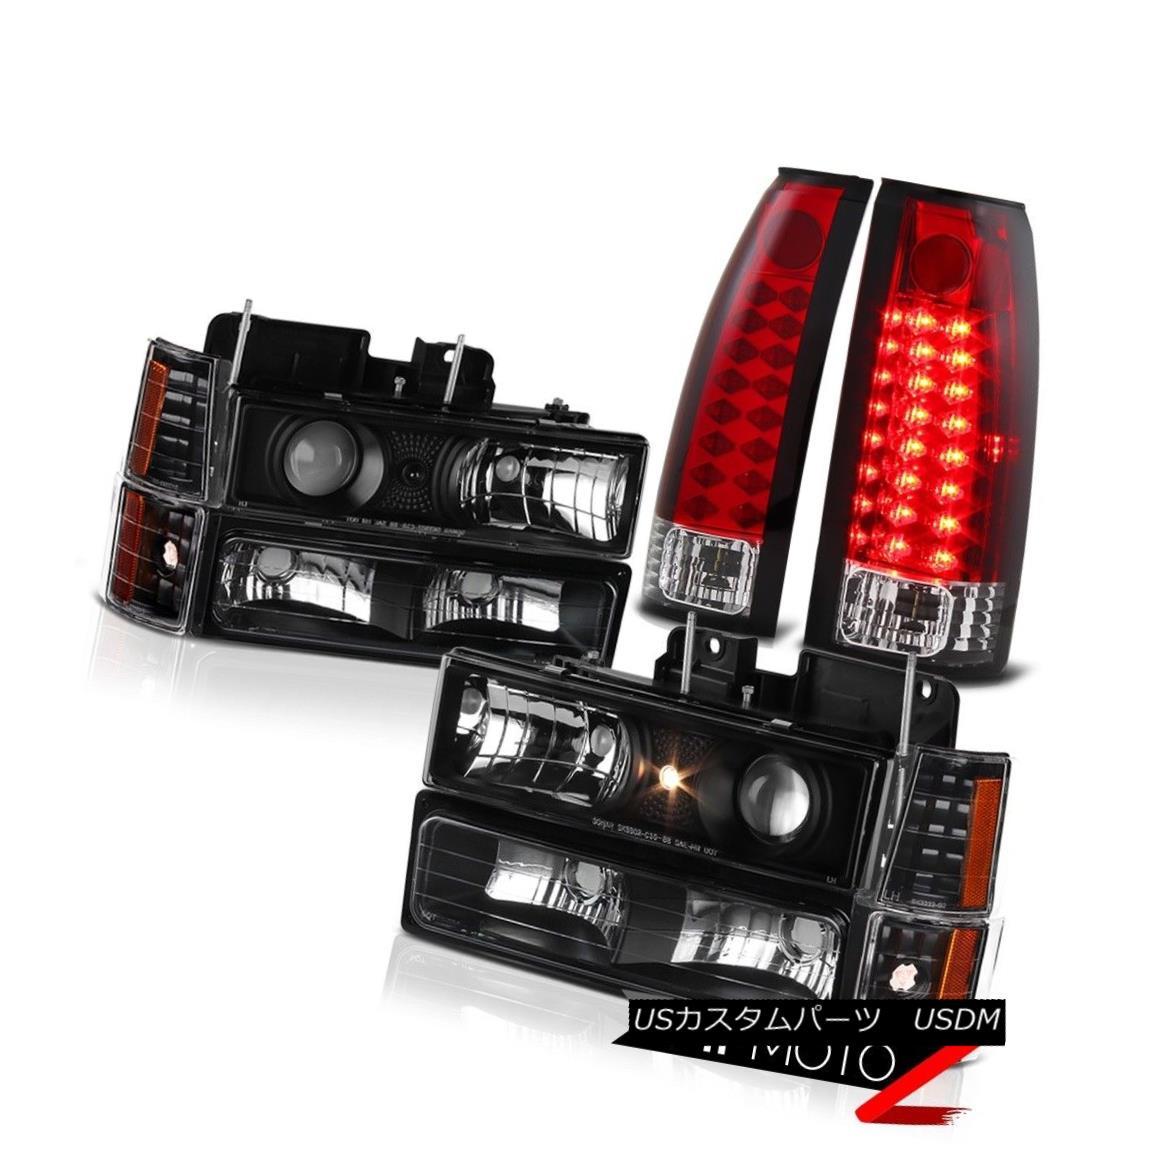 テールライト 1994-1998 GMC Sierra Yukon Suburban Black Projector Headlight Red LED Brake Lamp 1994-1998 GMC Sierra Yukon郊外型ブラックプロジェクターヘッドライト赤色LEDブレーキランプ